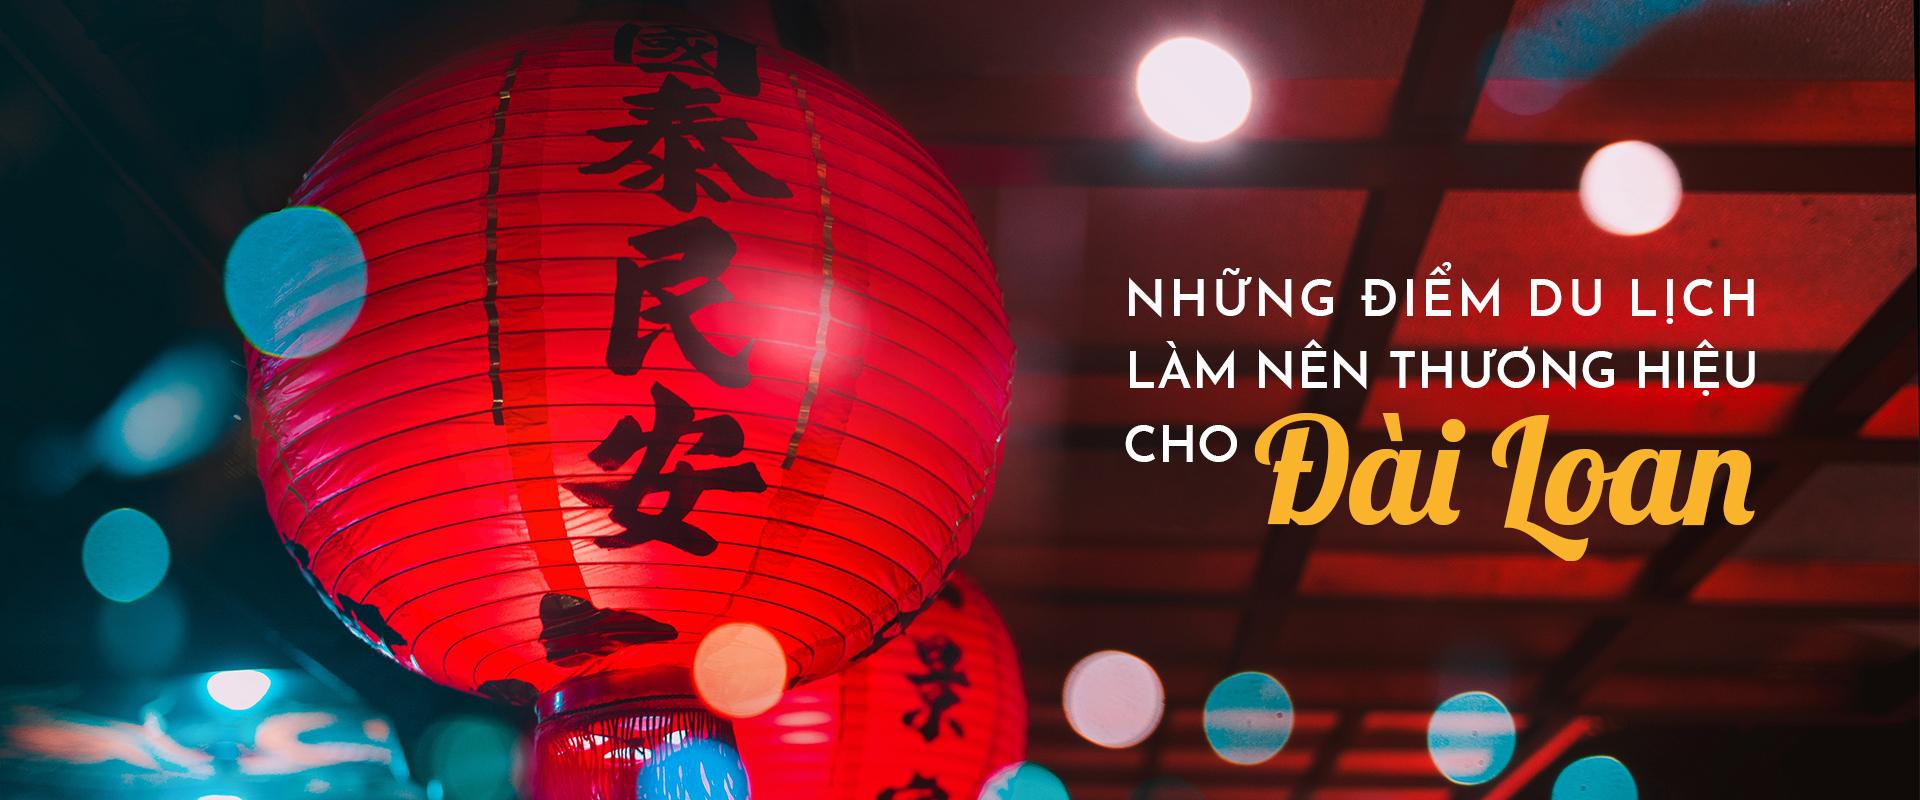 Những điểm du lịch ở Đài Loan làm nên thương hiệu của